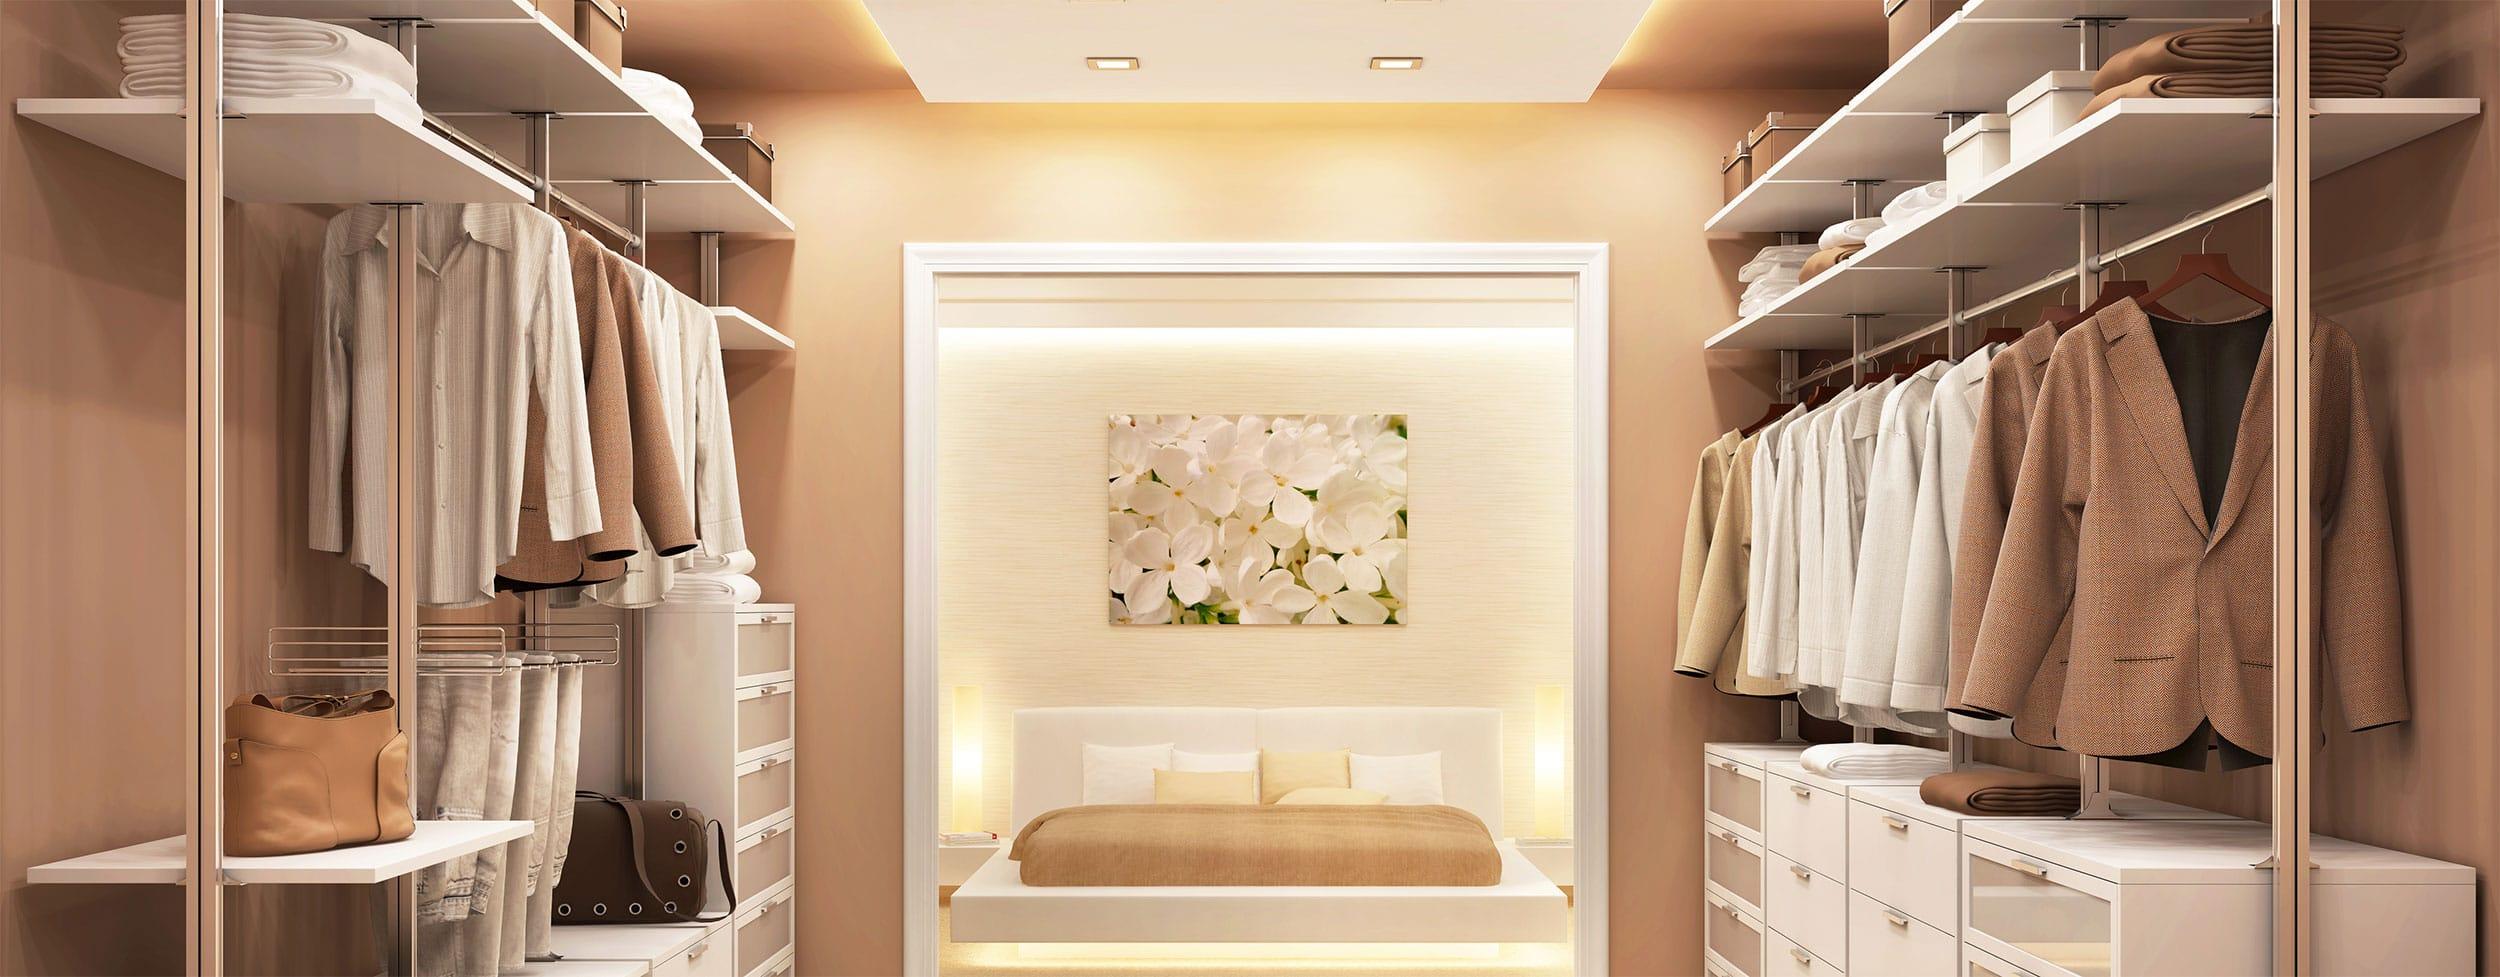 penderie sur mesure lausanne designo placard. Black Bedroom Furniture Sets. Home Design Ideas